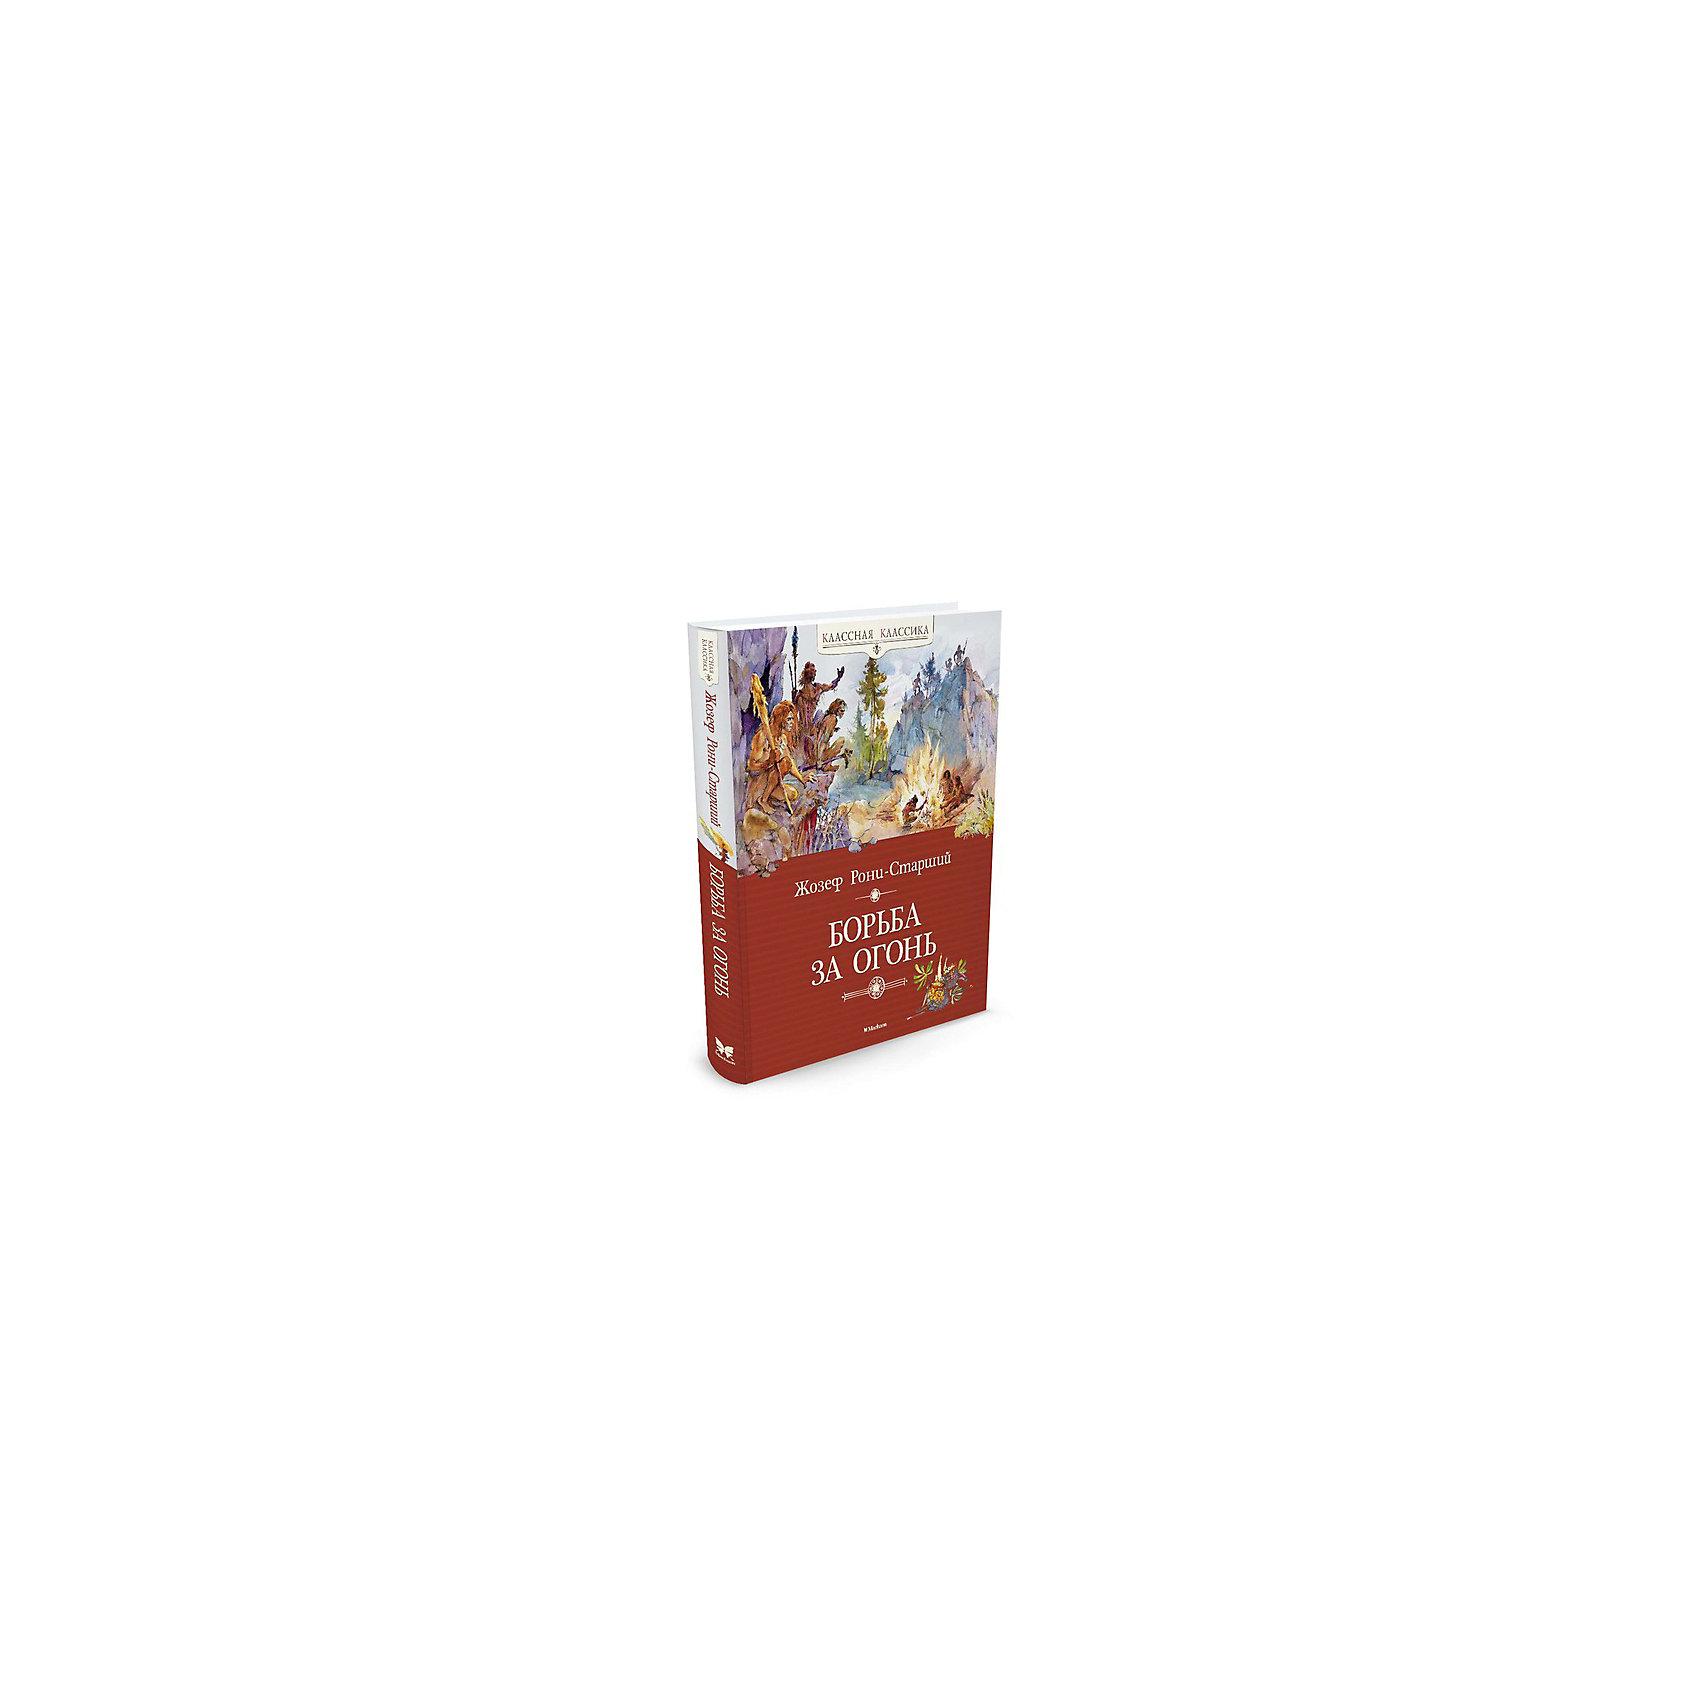 Борьба за огонь, MACHAONХрестоматии<br>Книга Борьба за огонь.<br><br>Характеристики:<br><br>• Автор: Жозеф Рони-старший<br>• Художник: Ю. Богачев<br>• Переводчик: И. Орловская<br>• Издательство: Махаон, 2016 г.<br>• Серия: Классная классика<br>• Тип обложки: 7Б - твердая (плотная бумага или картон)<br>• Оформление: частичная лакировка<br>• Иллюстрации: цветные<br>• Количество страниц: 224<br>• Размер: 242x201х17 мм.<br>• Вес: 579 гр.<br>• ISBN: 9785389101753<br><br>Книга «Борьба за огонь» – визитная карточка классика французской литературы Жозефа Рони-Старшего. Написанная в 1909 году, книга до сих пор читается с огромным интересом и пользуется заслуженной популярностью во всём мире. «Борьба за огонь» открывает «доисторический цикл» писателя и переносит нас в эпоху каменного века, когда первобытный человек только появился на Земле и вынужден бороться за выживание. Огонь, подаренный людям самой природой, был спасением для доисторических племён. Он был защитой от холода, голода, диких зверей… Утрата огня грозила гибелью всему племени. Первобытные люди обожествляли огонь. И вот когда племя уламров лишилось его, молодой охотник и воин Нао, сын Леопарда, вместе с двумя товарищами отправляется в опасное путешествие, чтобы добыть новый огонь и спасти сородичей…<br><br>Книгу Борьба за огонь можно купить в нашем интернет-магазине.<br><br>Ширина мм: 242<br>Глубина мм: 201<br>Высота мм: 170<br>Вес г: 579<br>Возраст от месяцев: 132<br>Возраст до месяцев: 168<br>Пол: Унисекс<br>Возраст: Детский<br>SKU: 5493523